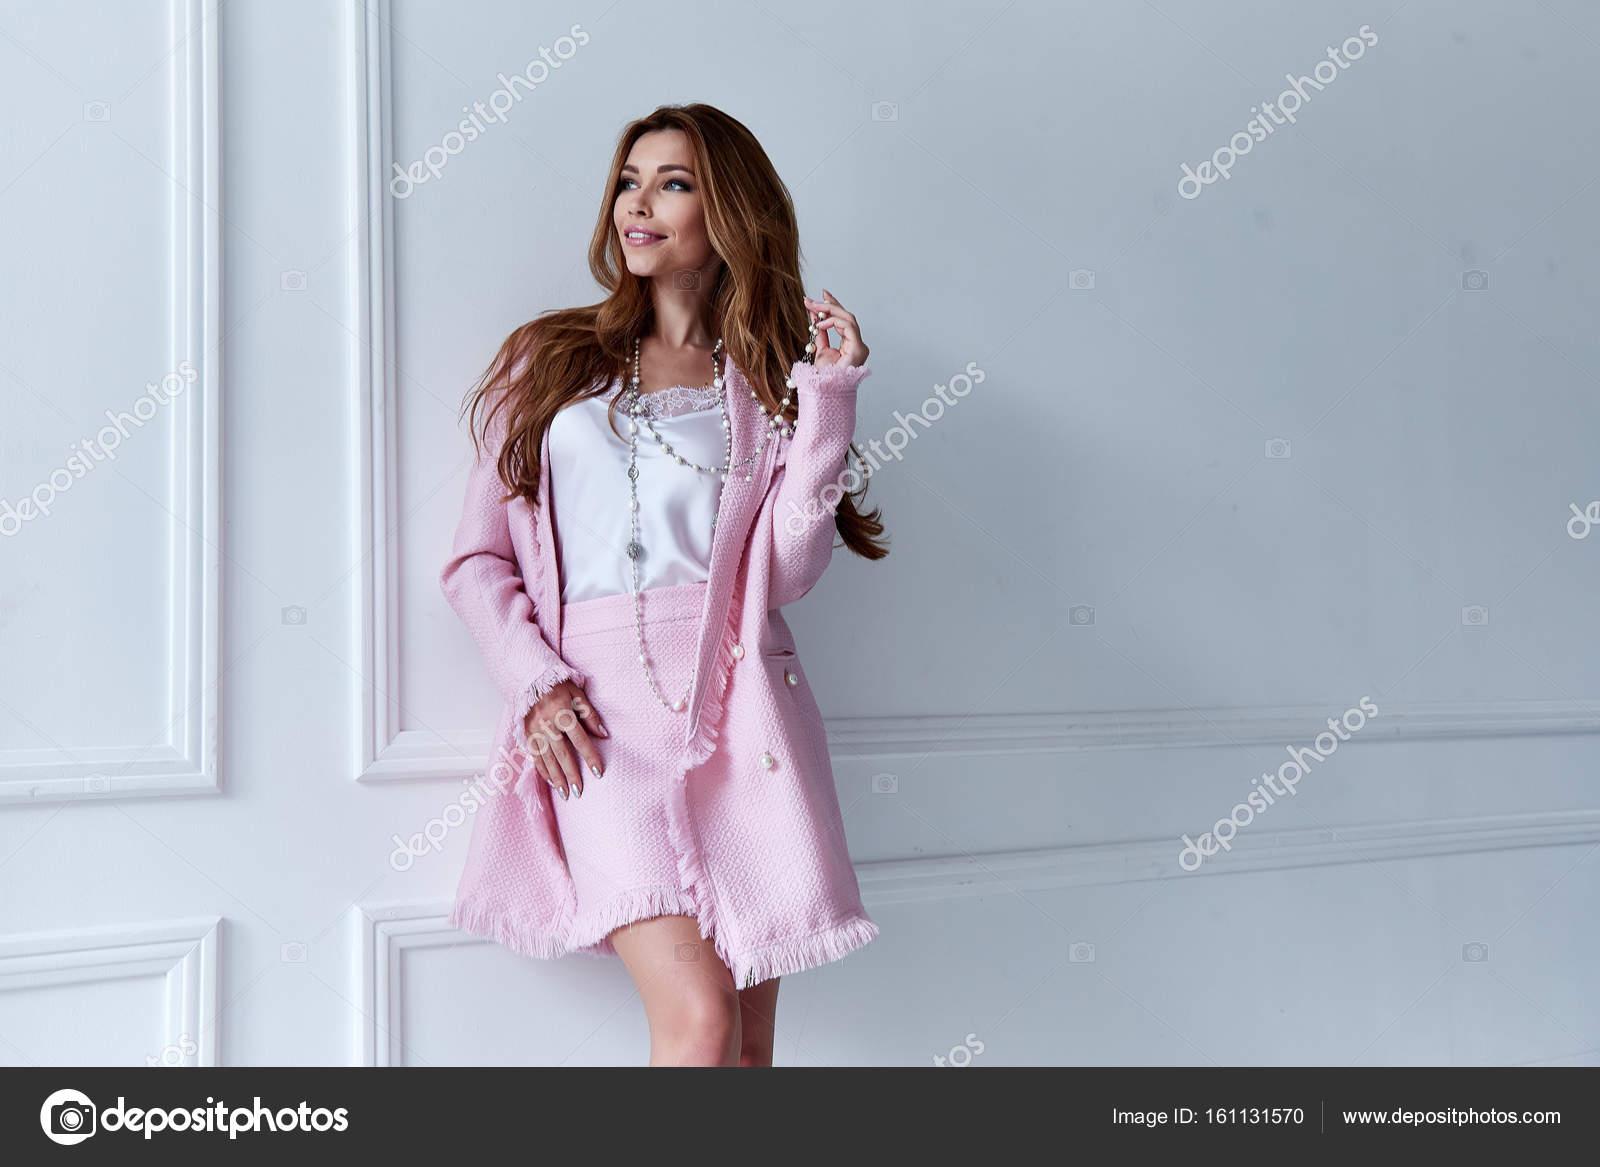 c980d22489 Szépség nő modell kopás stílusos trend ruha selyem rózsaszín kabát ruha  szoknya alkalmi formális office séta fél hosszú szőke haj smink fél  üzletasszony ...